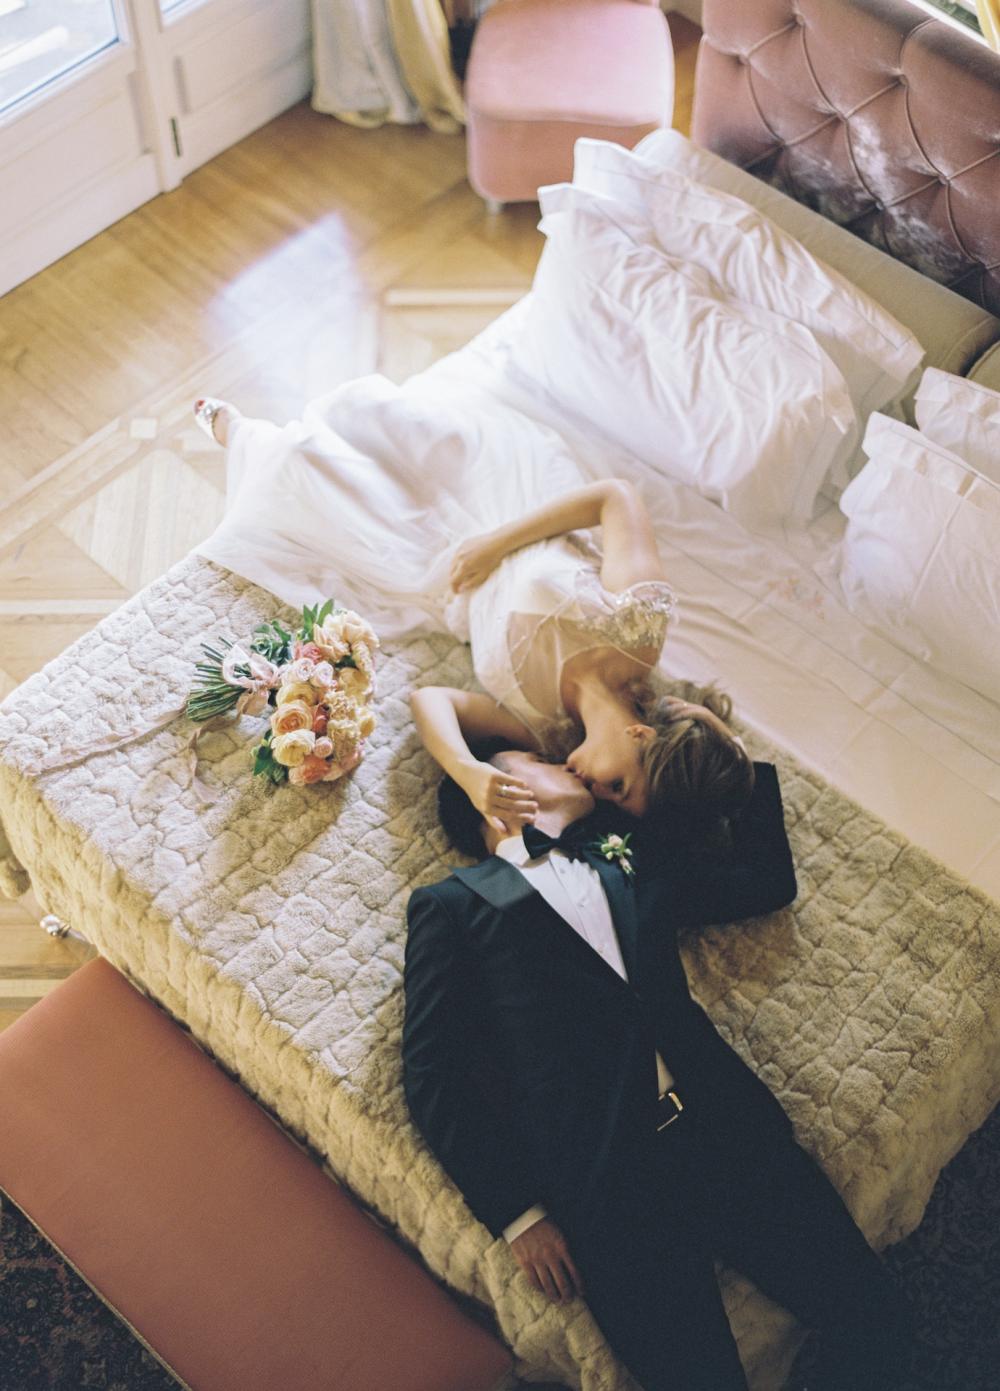 Брачная ночь: как организовать идеальную брачную ночь